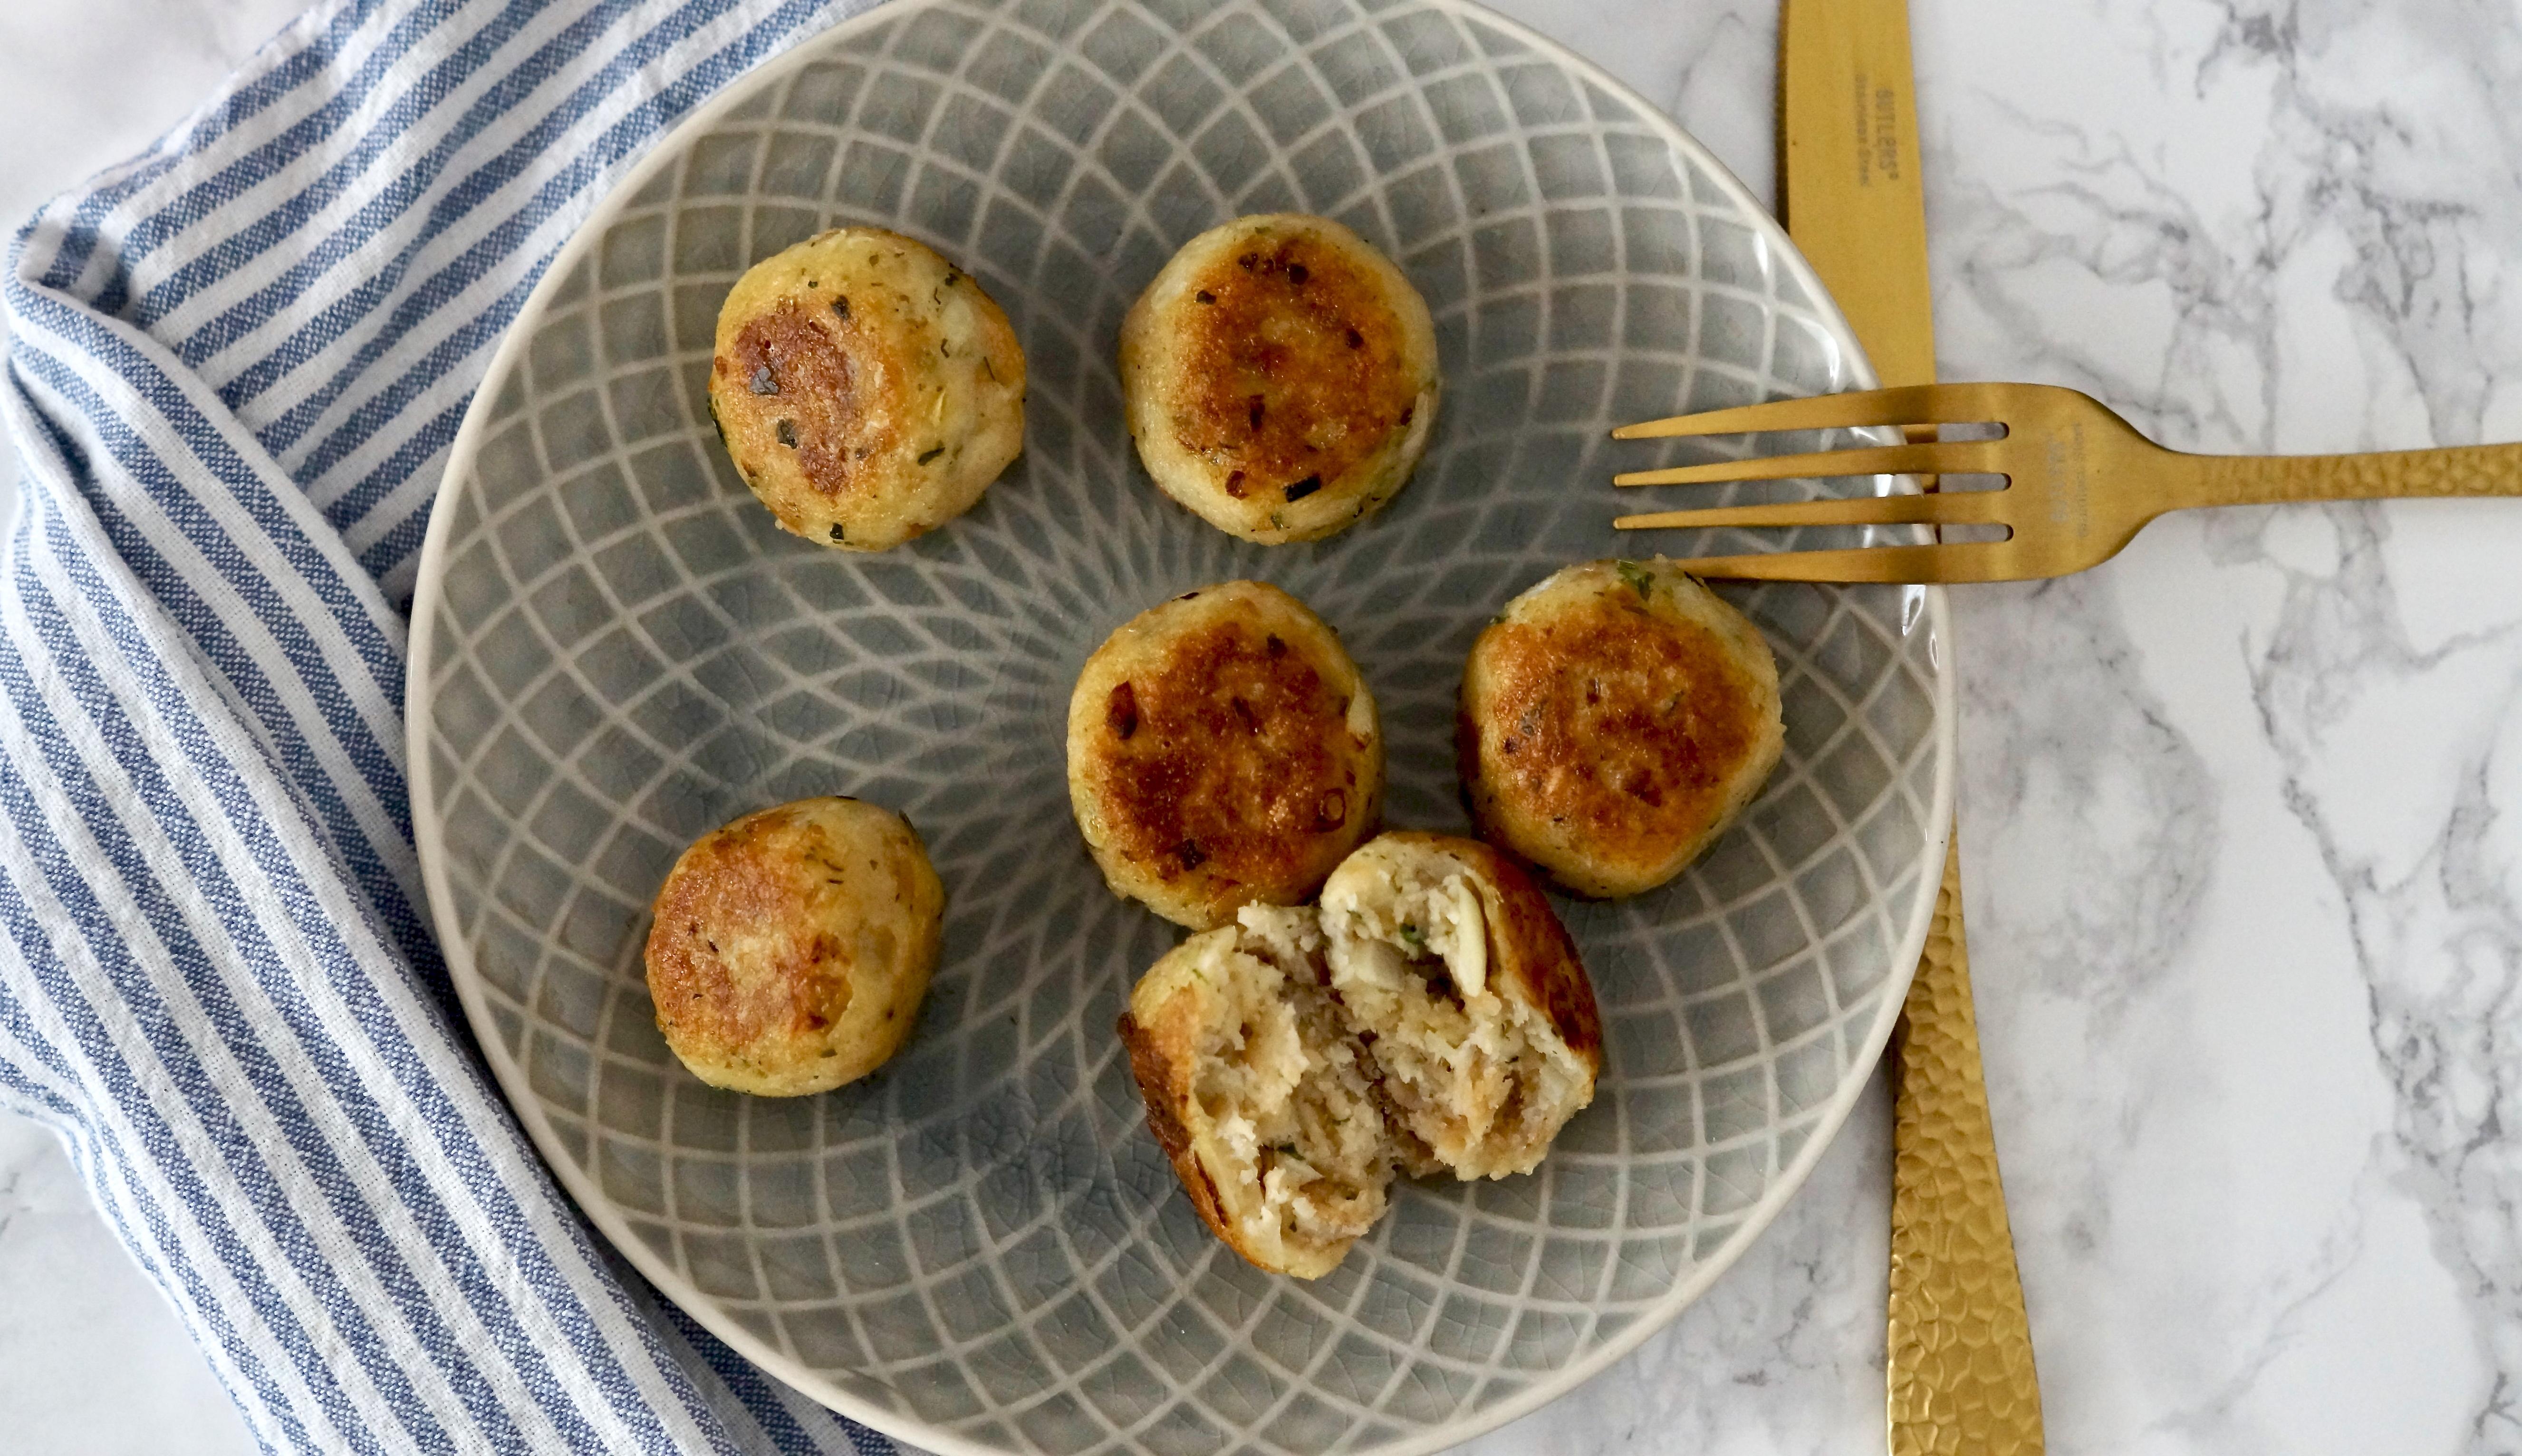 ein Teller voller köstlicher Brotfrikadellen